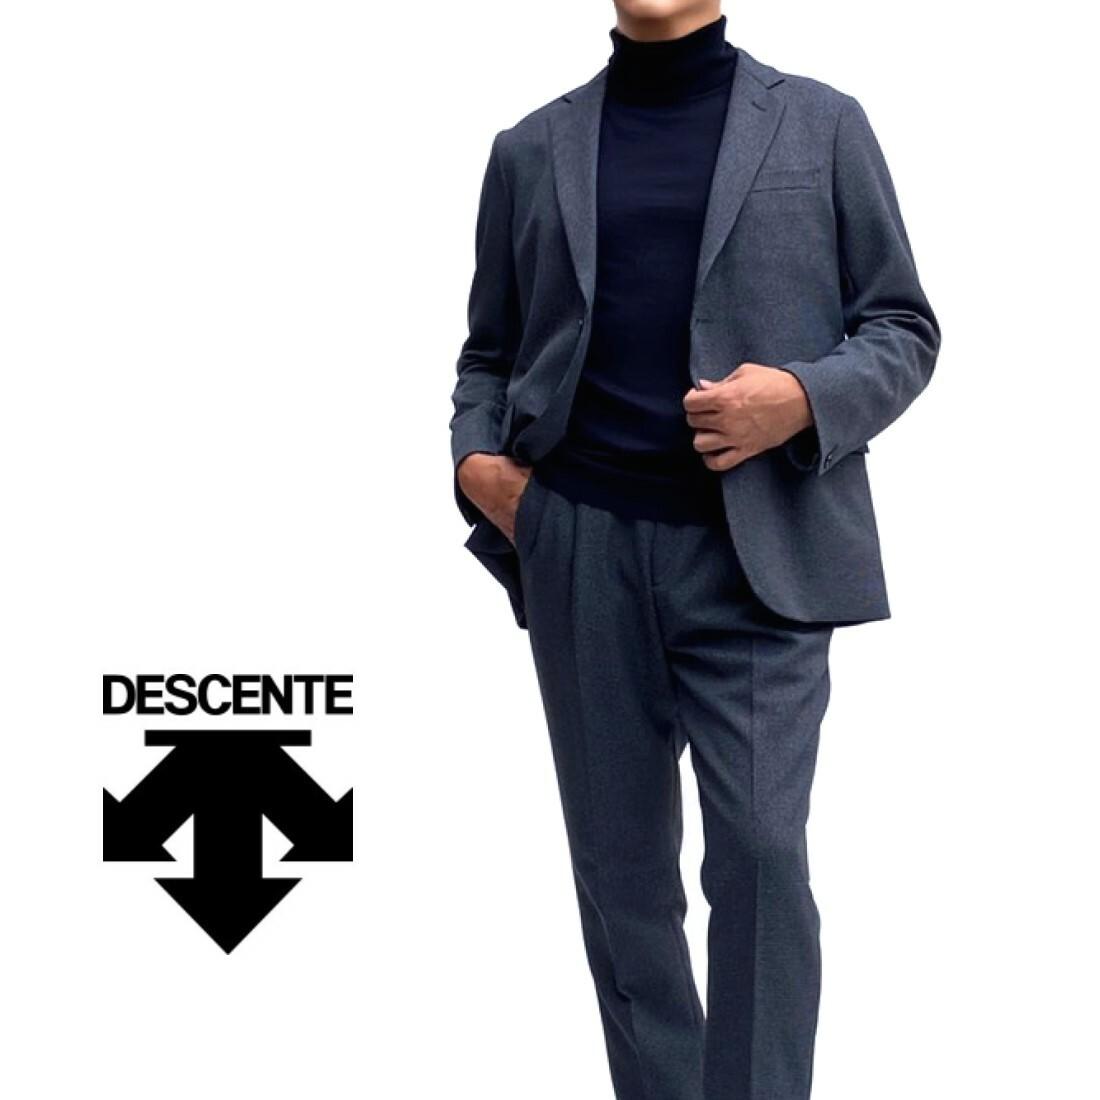 気質アップ ジャケット 使い勝手の良い スラックスの単体使いもできるセットアップスーツは着こなしの場を広げてくれます DESCENTE デサント セットアップスーツハンドトゥースネイビーブルー系総裏仕立て